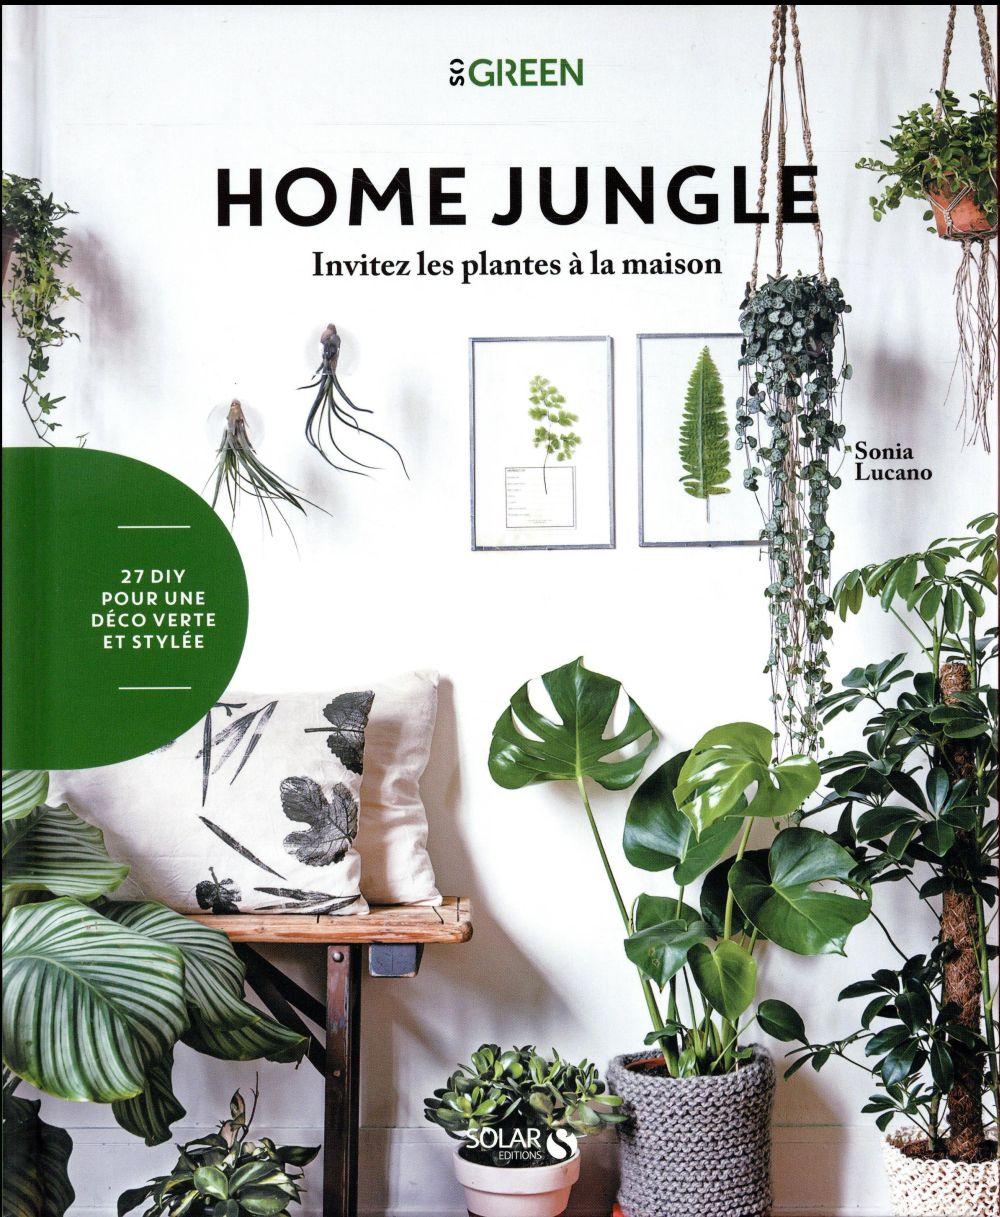 Home jungle ; invitez les plantes à la maison